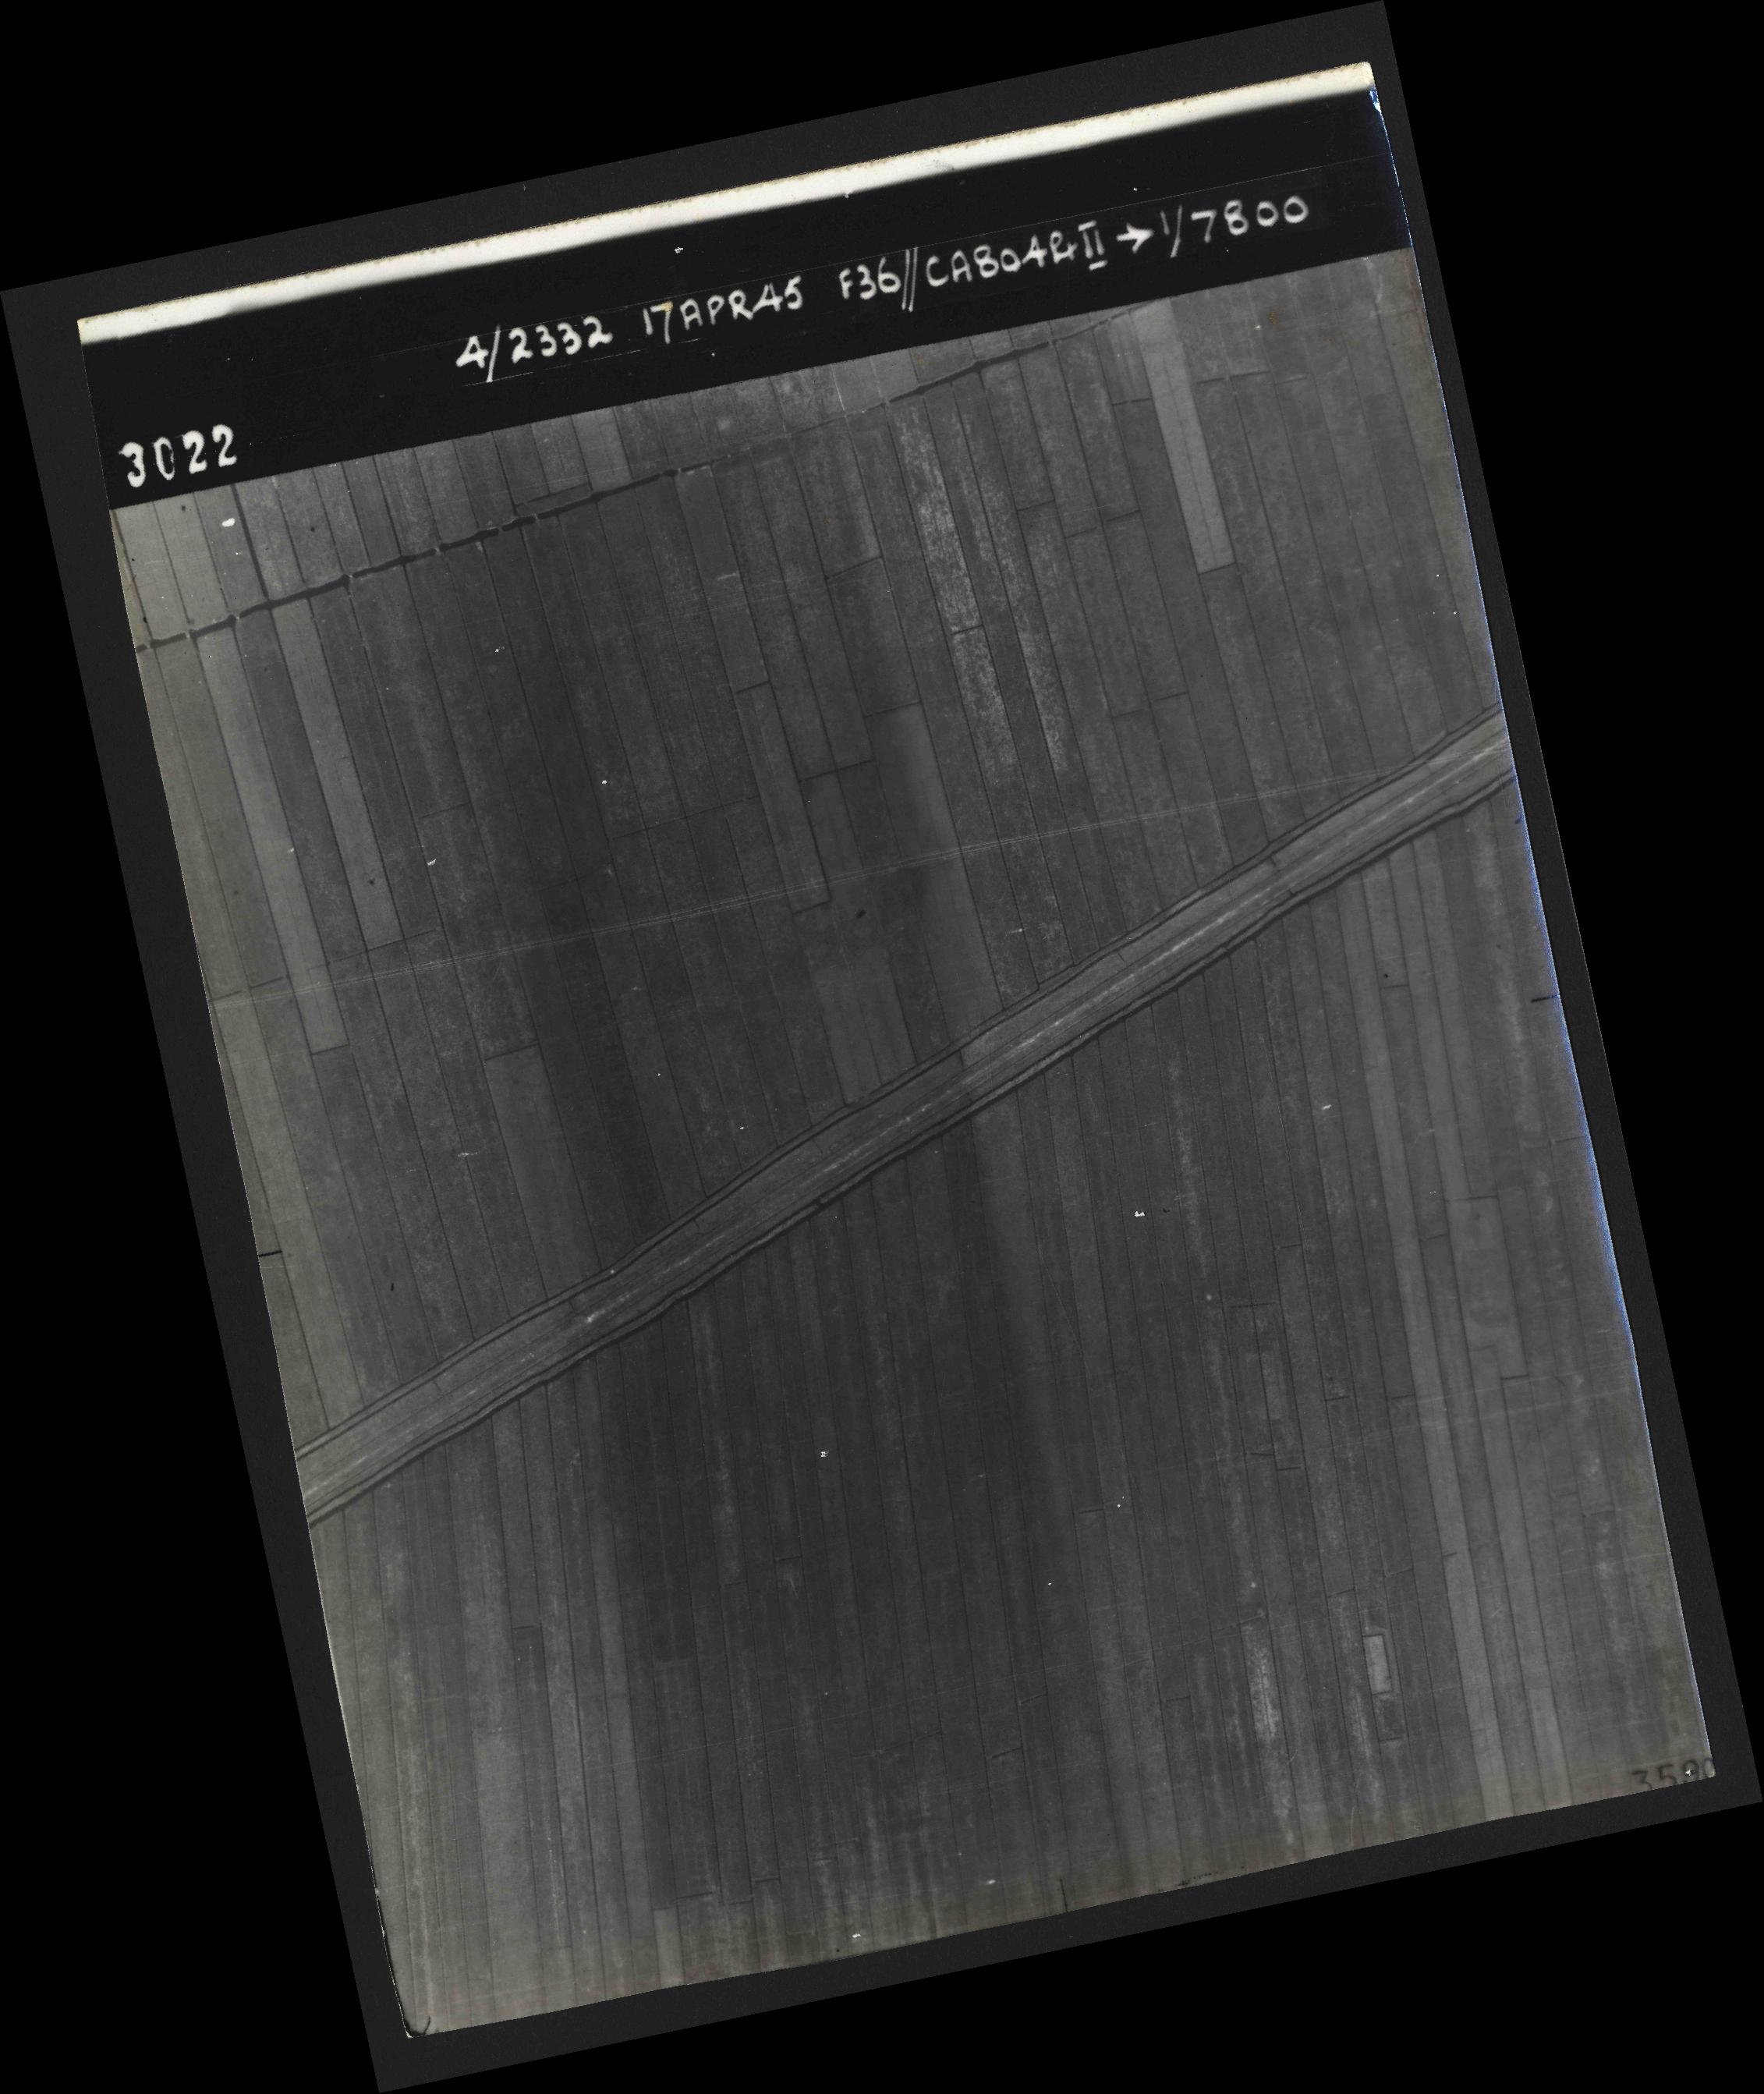 Collection RAF aerial photos 1940-1945 - flight 011, run 01, photo 3022